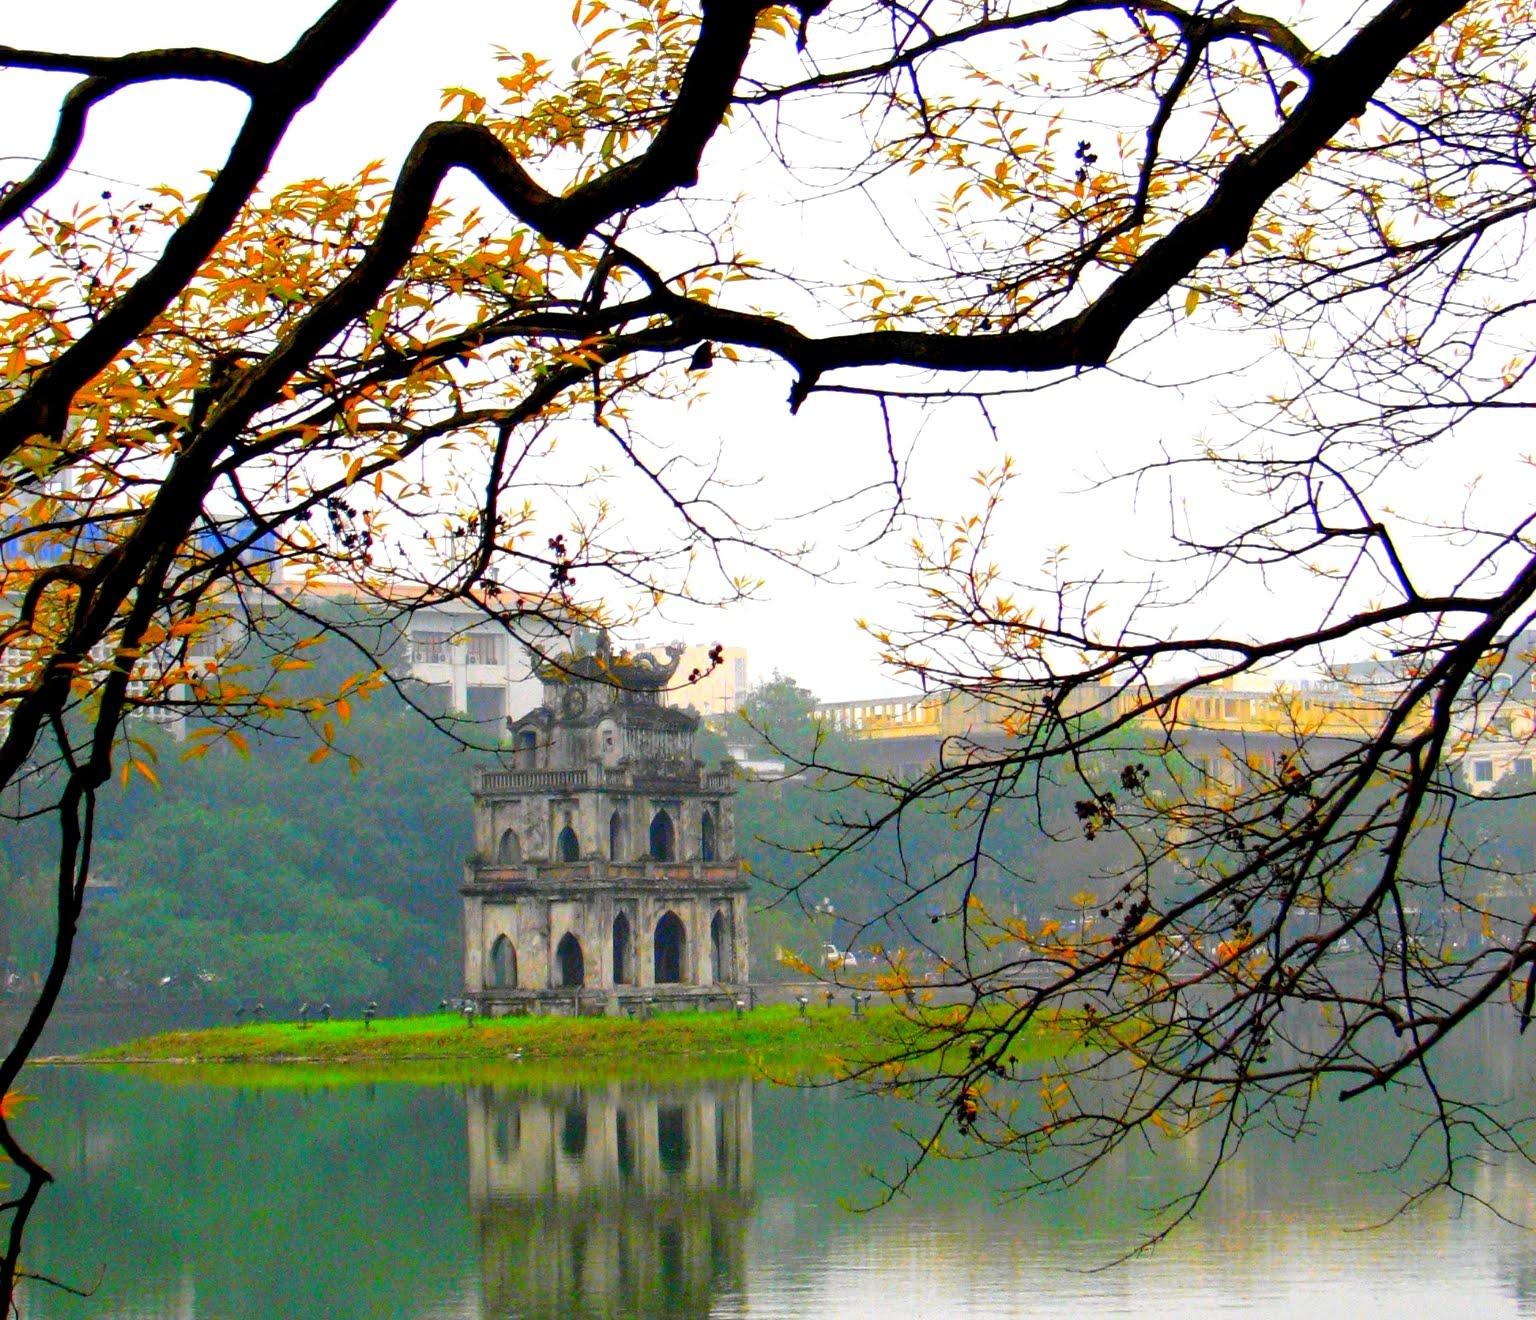 Hồ Hoàn Kiếm - THÔNG TIN DU LỊCH VIỆT NAM